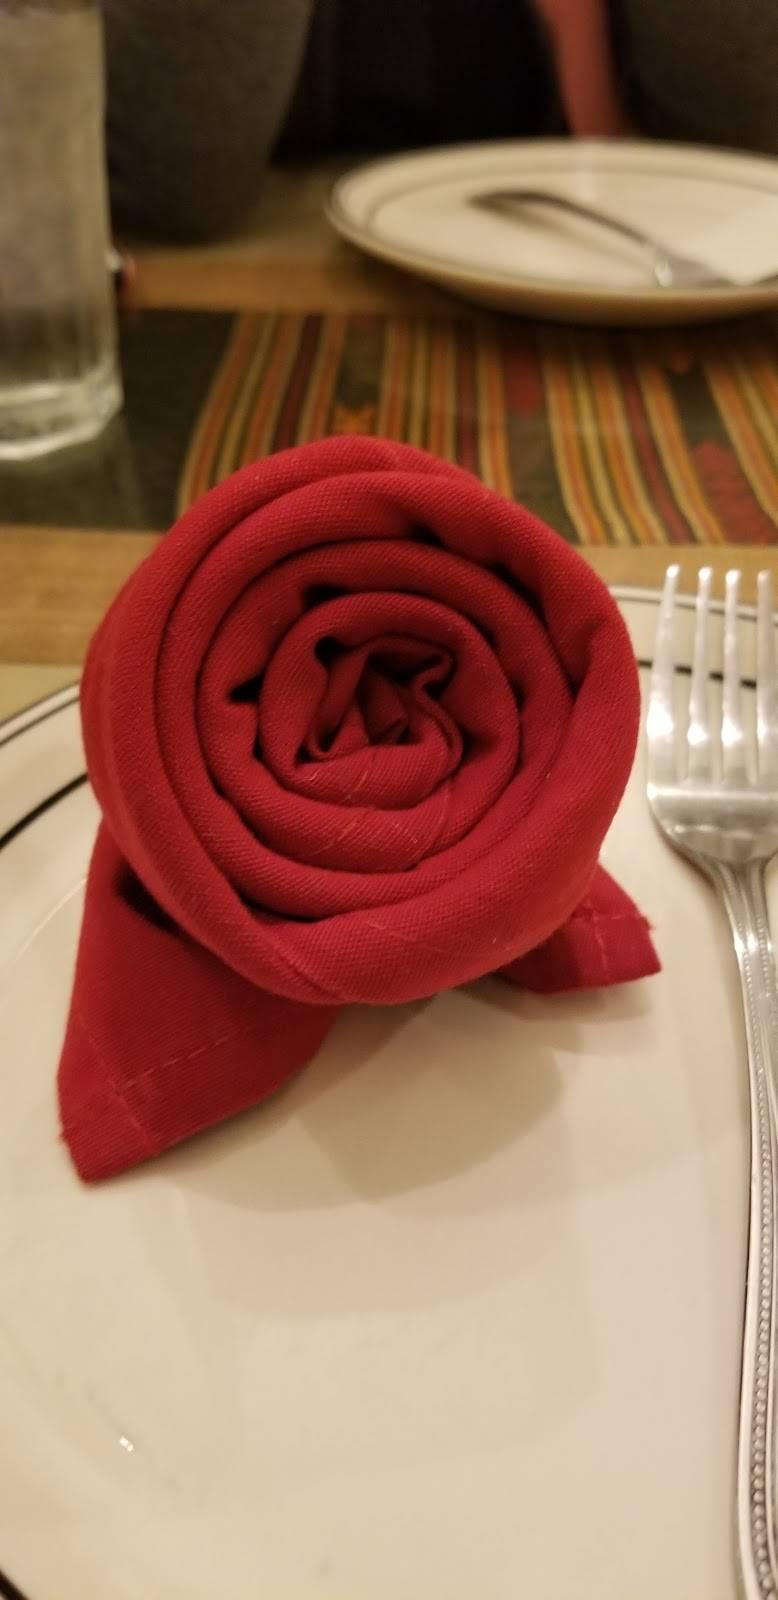 Thai Tangerine Restaurant | restaurant | 12541 S Harbor Blvd, Garden Grove, CA 92840, USA | 7145344490 OR +1 714-534-4490